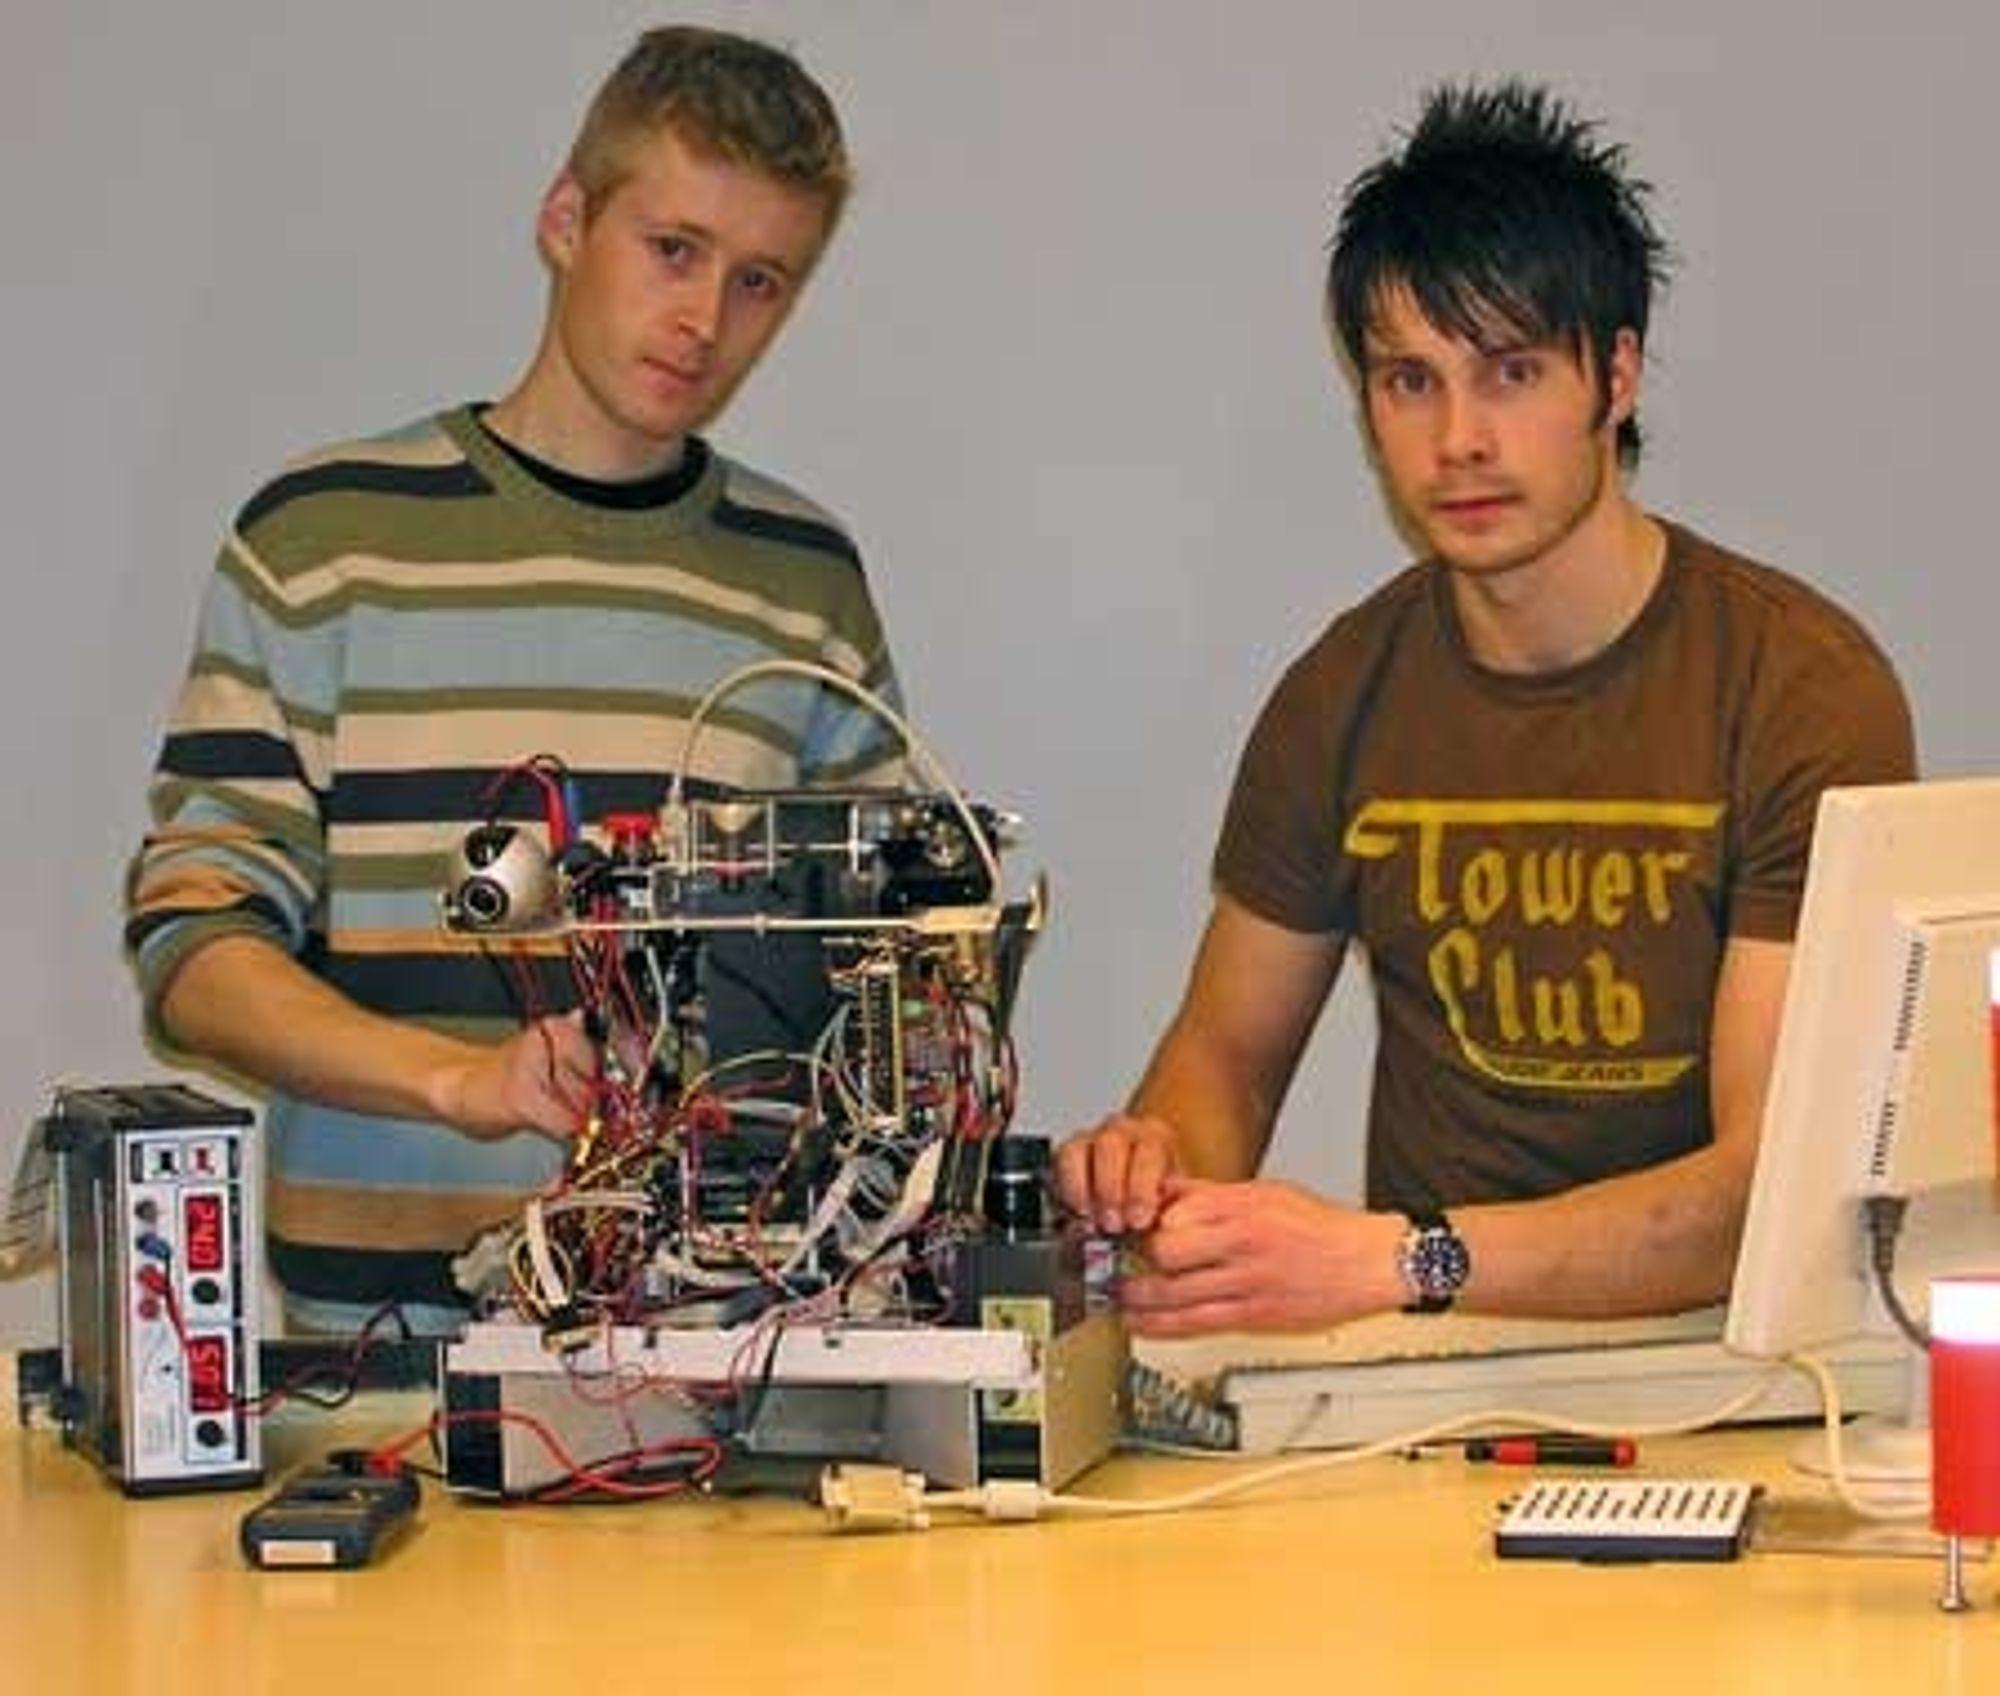 ROBOTKONSTRUKTØRER: Jonas Aamodt Moræus til høyre og Torstein Valvik bygger den norske konkurranseroboten. Begge skriver diplomoppgave om roboten, ved Institutt for teknisk kybernetikk, studieretning navigasjon, fartøystyring og robotteknikk.